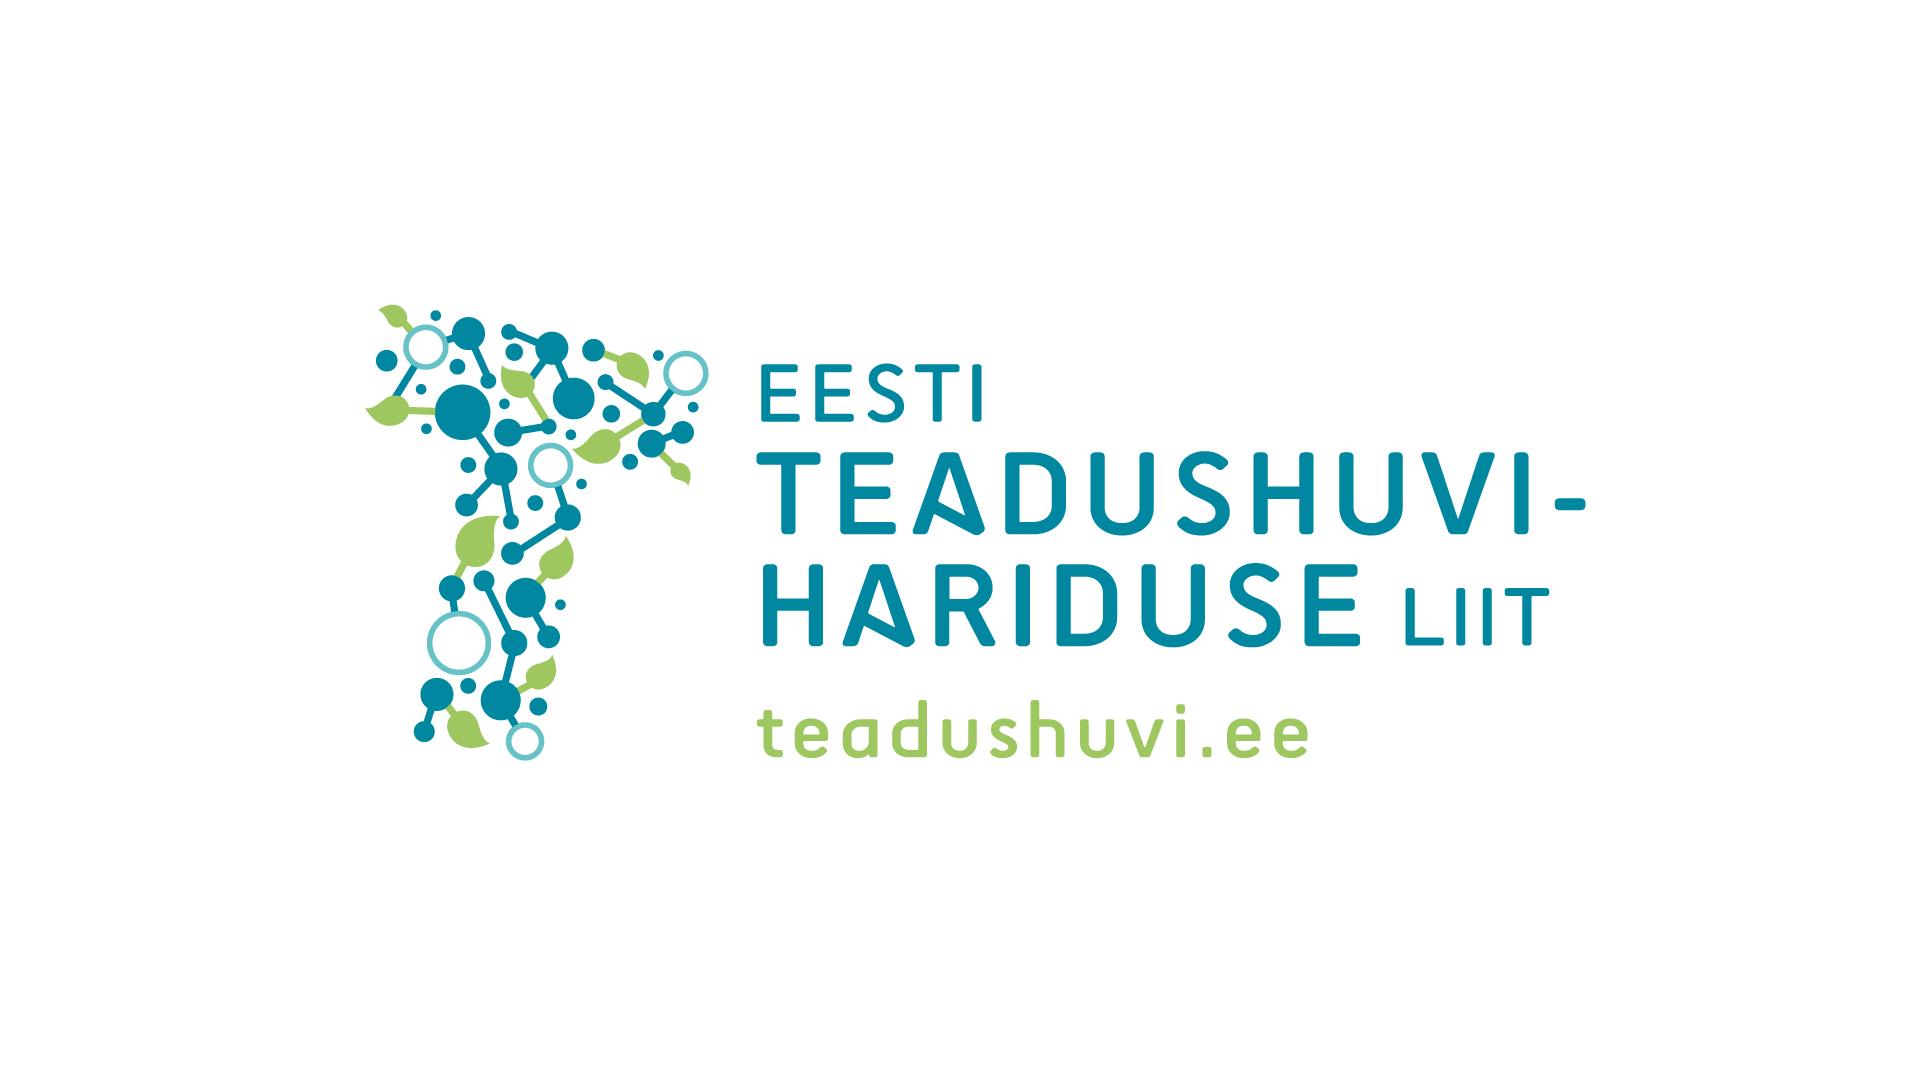 Eesti Teadushuvihariduse Liit